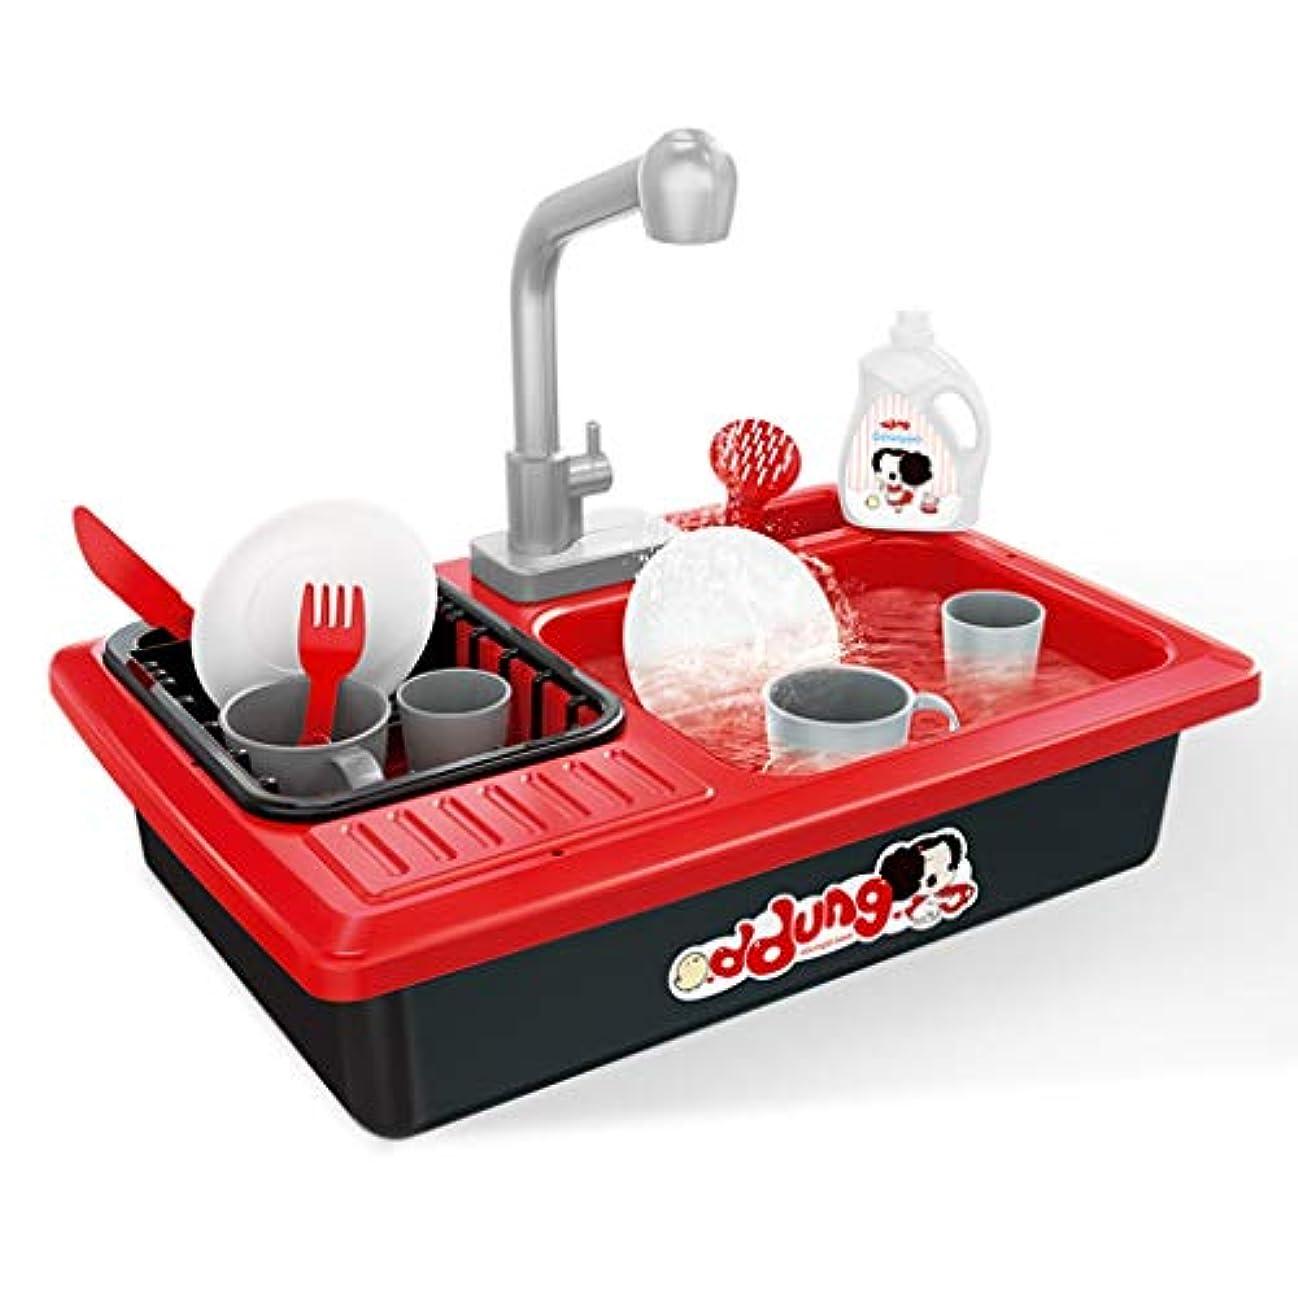 使用法多様な例子供のプラスチックキッチン玩具キッチンプレイセットミニ手洗い洗面台シミュレーションシンク電気水調理調理器具ギフトセット ( Color : RED , Size : 46*11*32CM )